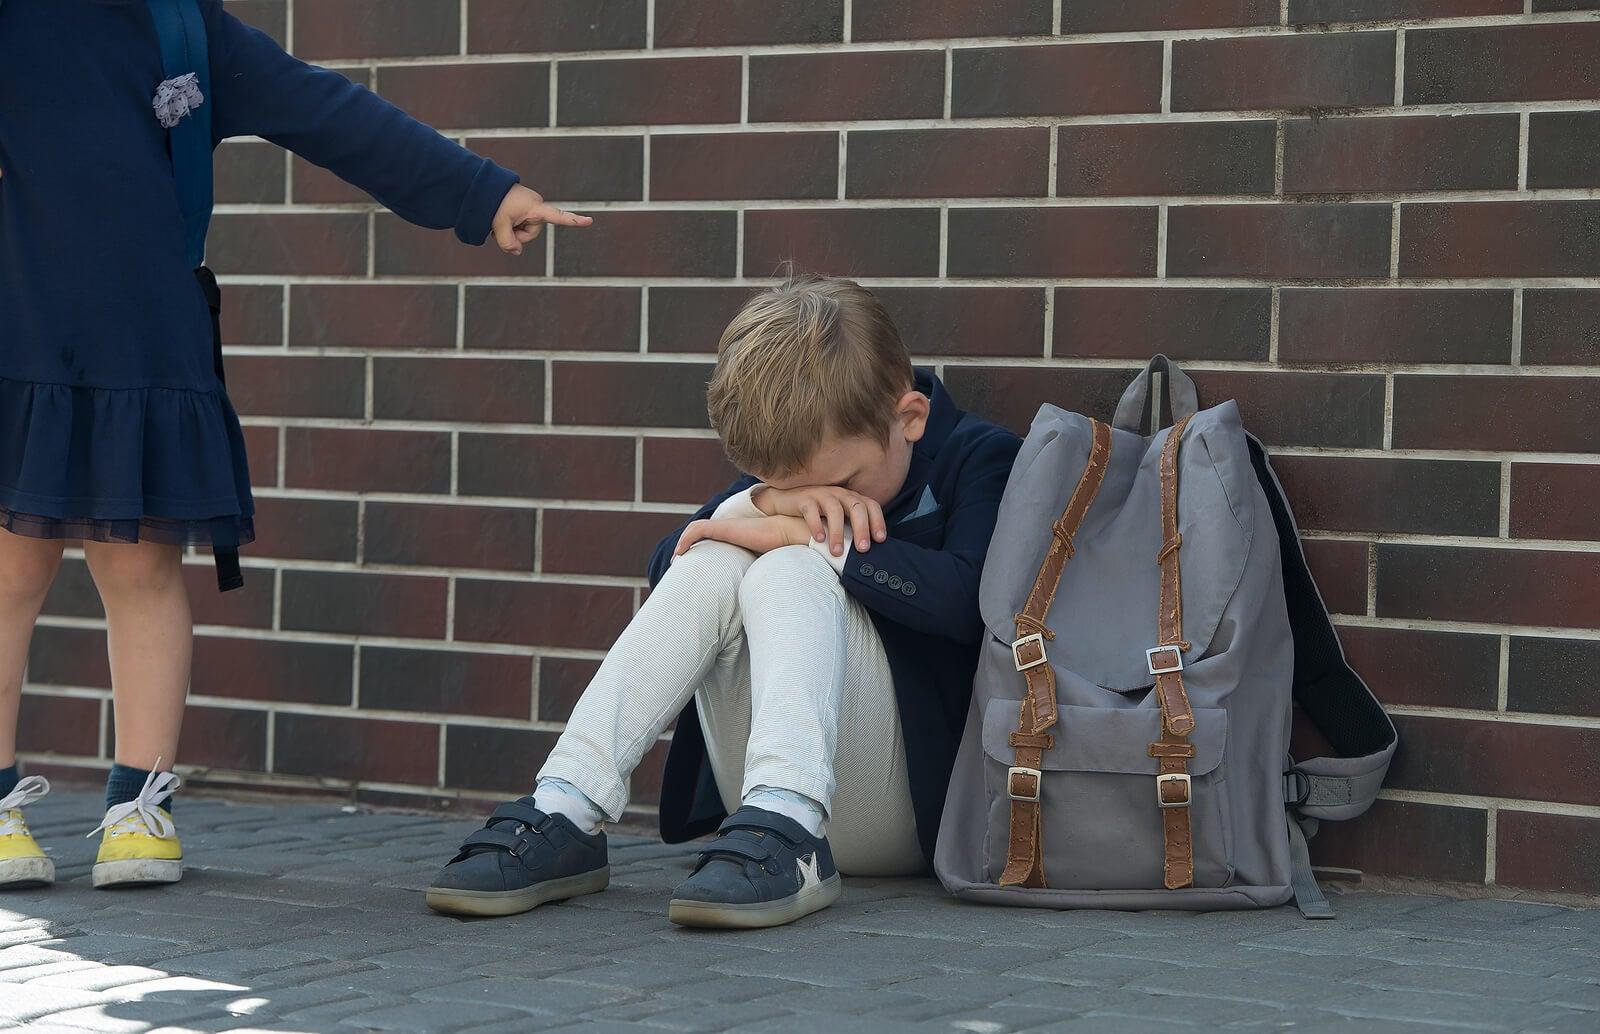 Enfant souffrant de harcèlement à l'école.